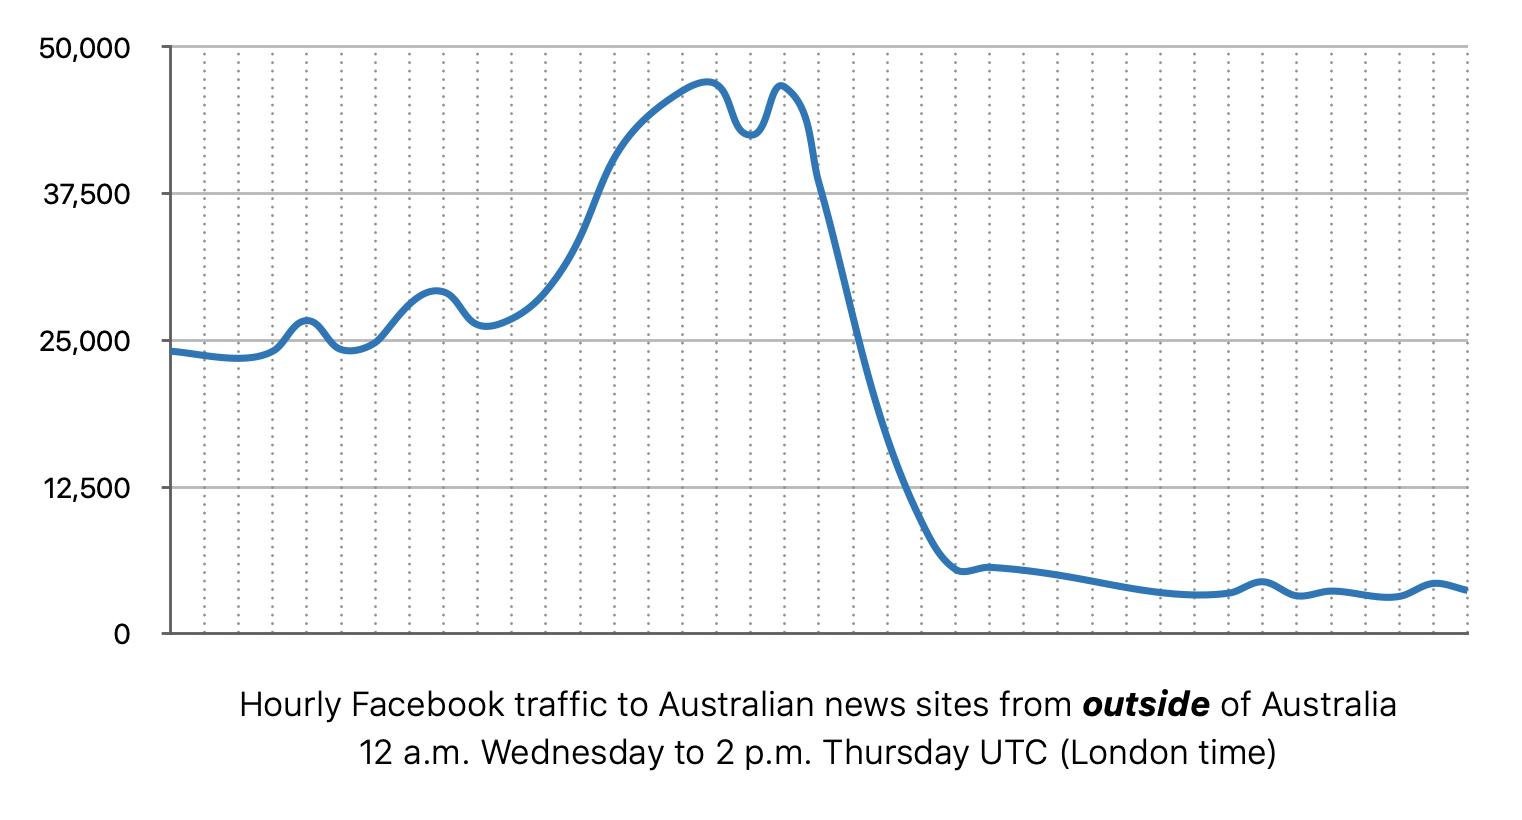 Facebook 'lộng hành' khiến lượng truy cập báo chí Úc giảm mạnh